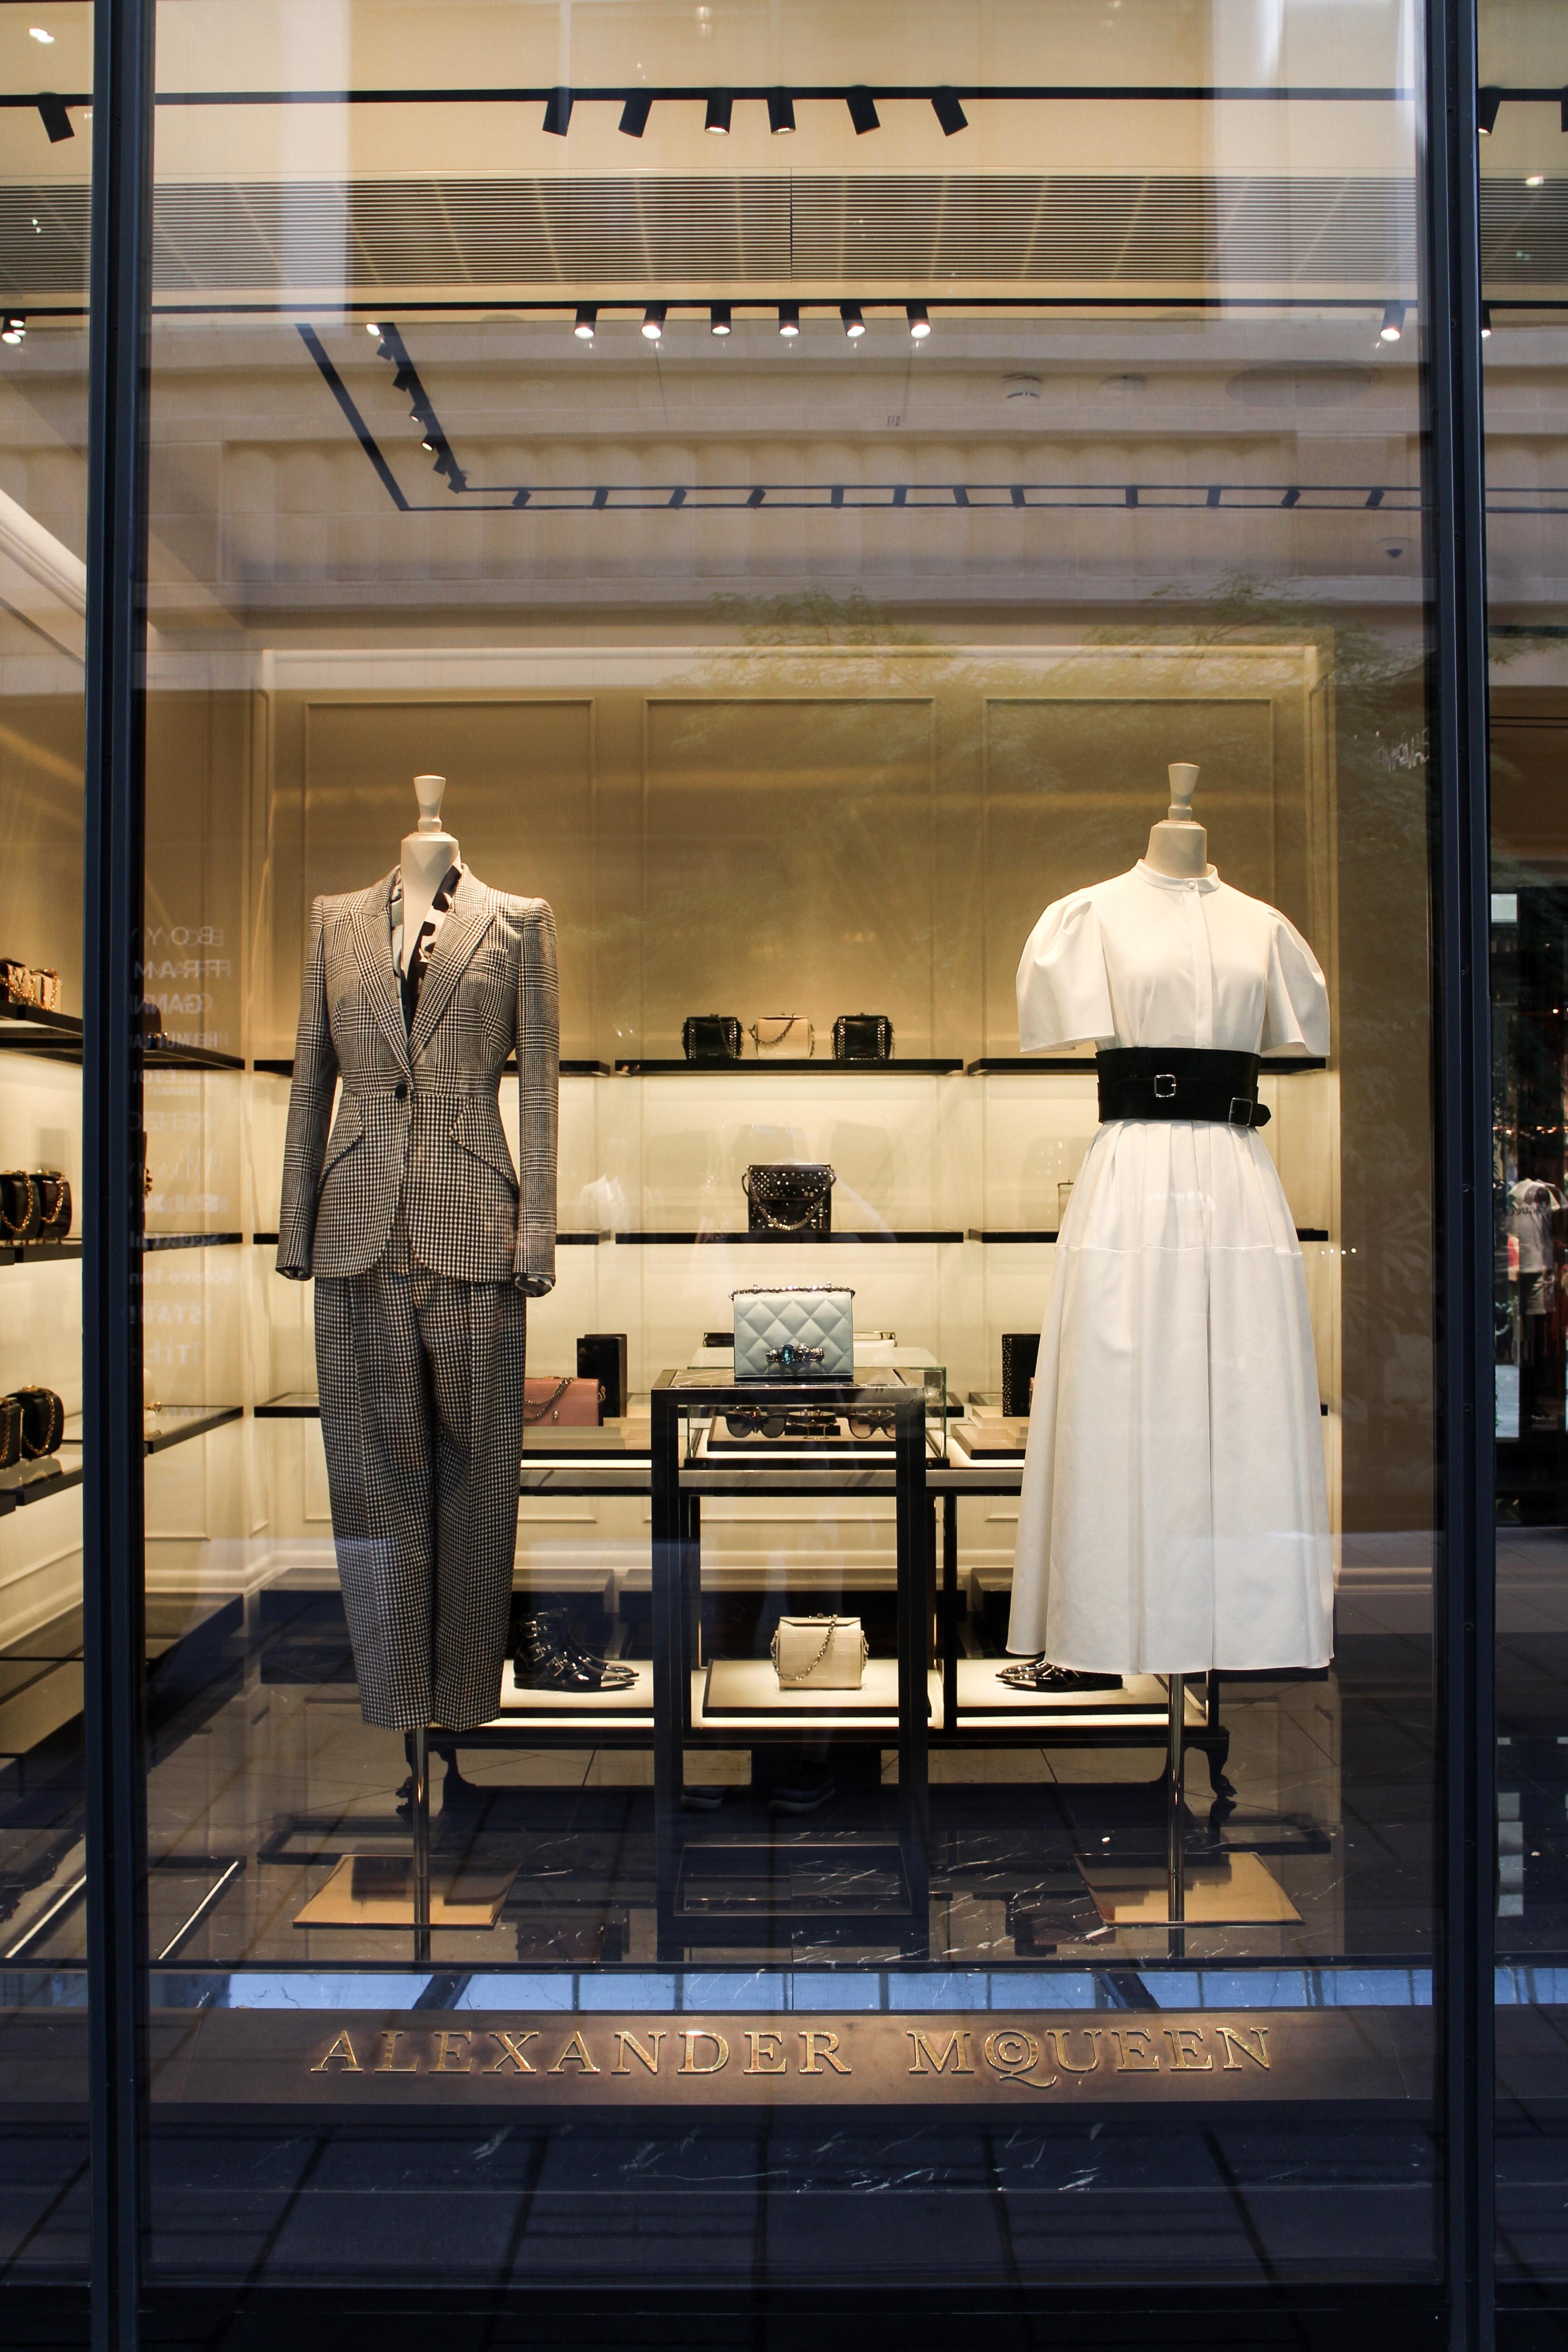 Three Perfect Days in Vienna: Shopping in Vienna, Alexander McQueen